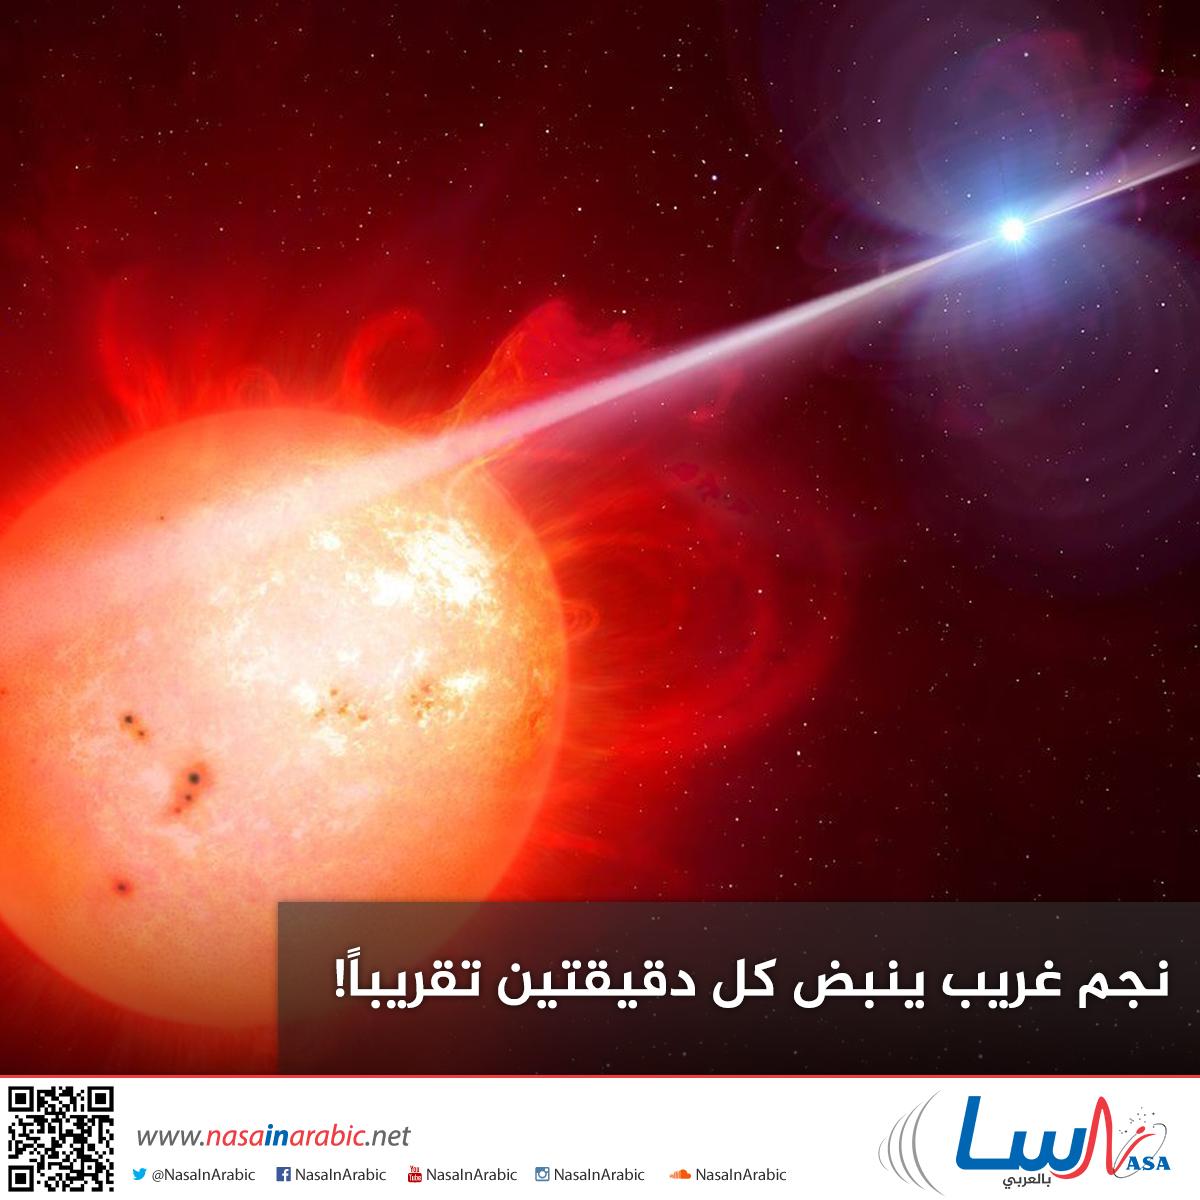 نجم غريب ينبض كل دقيقتين تقريباً!